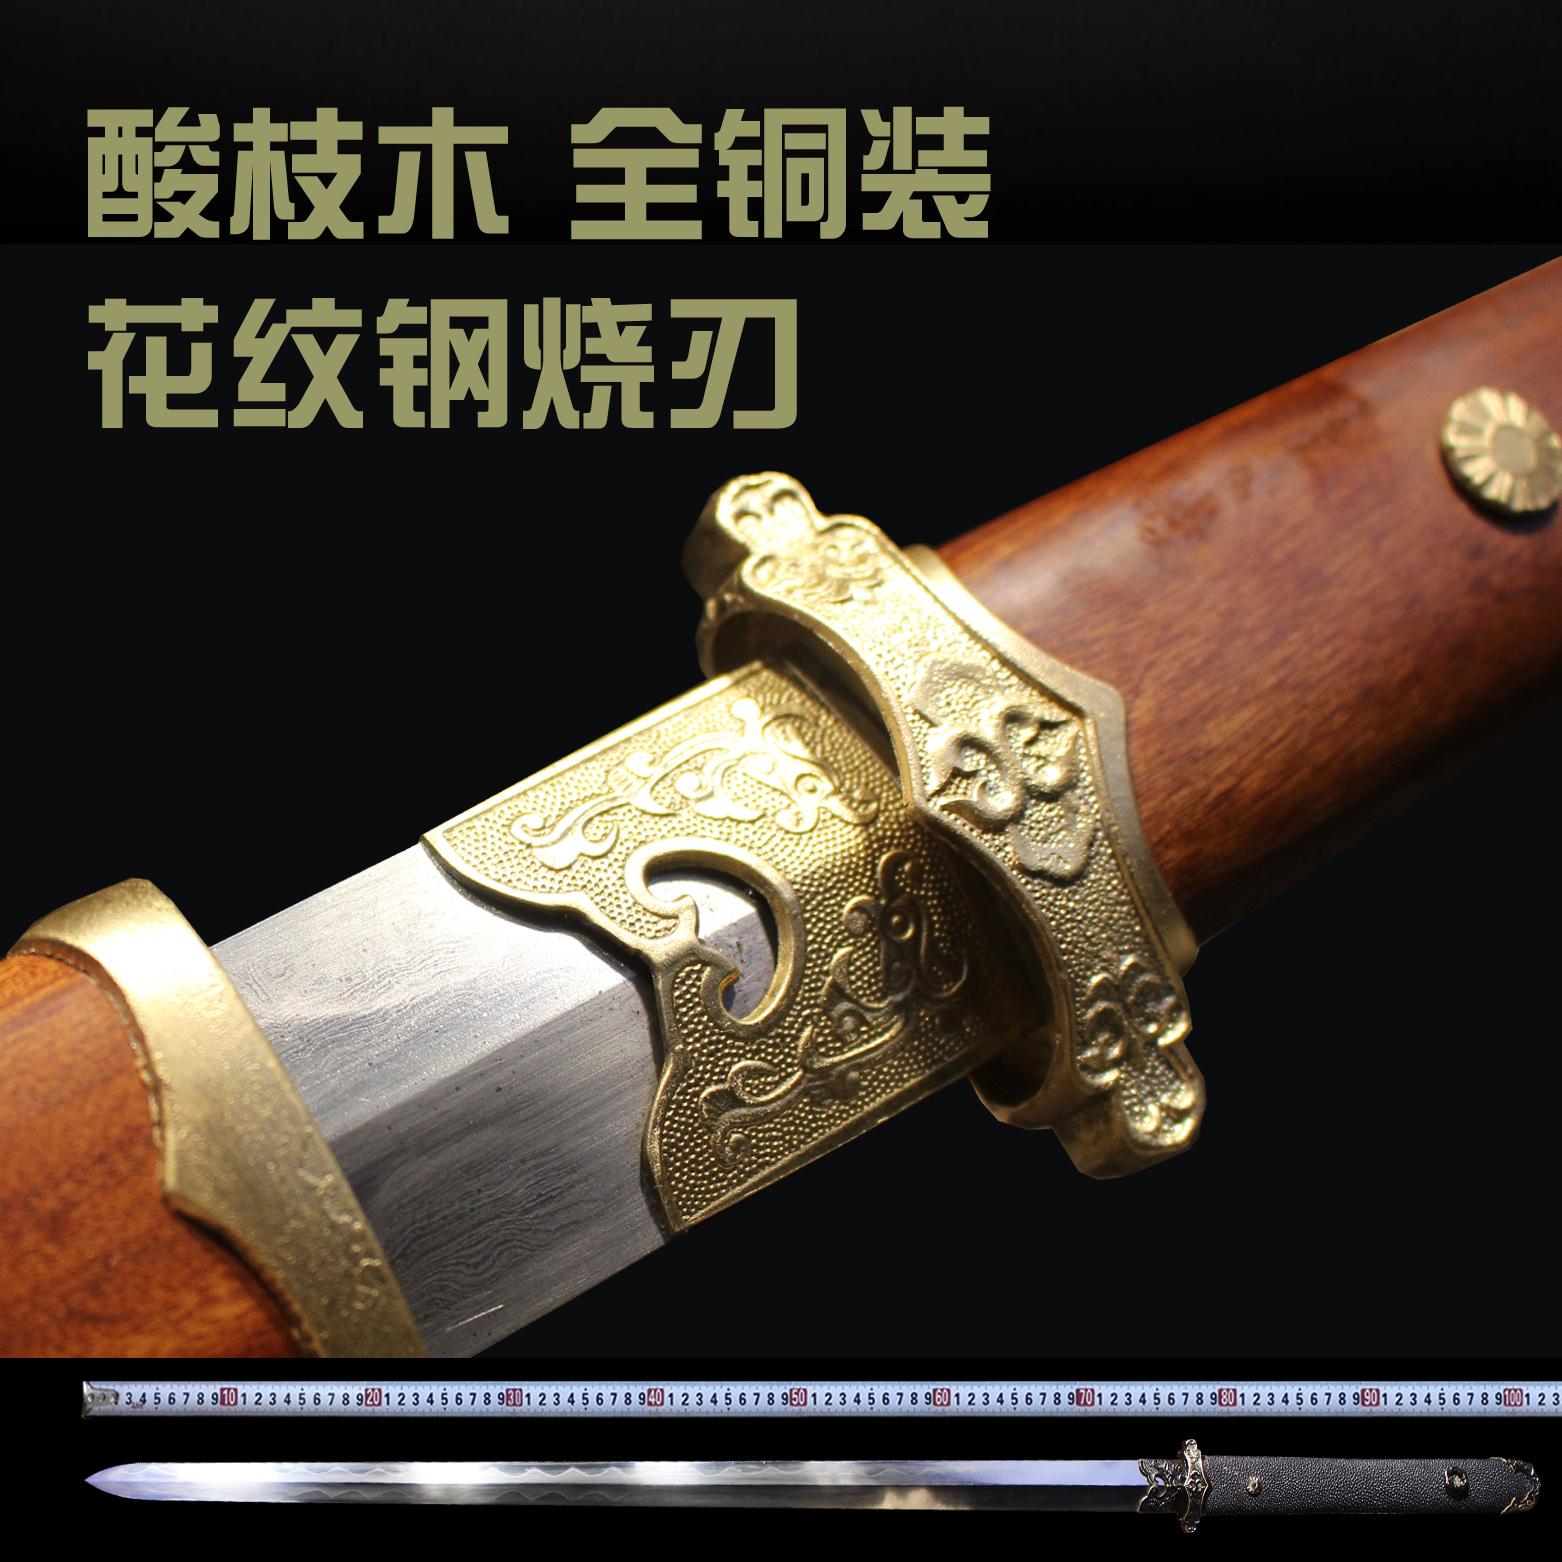 唐剑含光剑龙泉寒兵宝剑花纹钢烧刃一体剑鱼皮刀剑汉剑武术未开刃